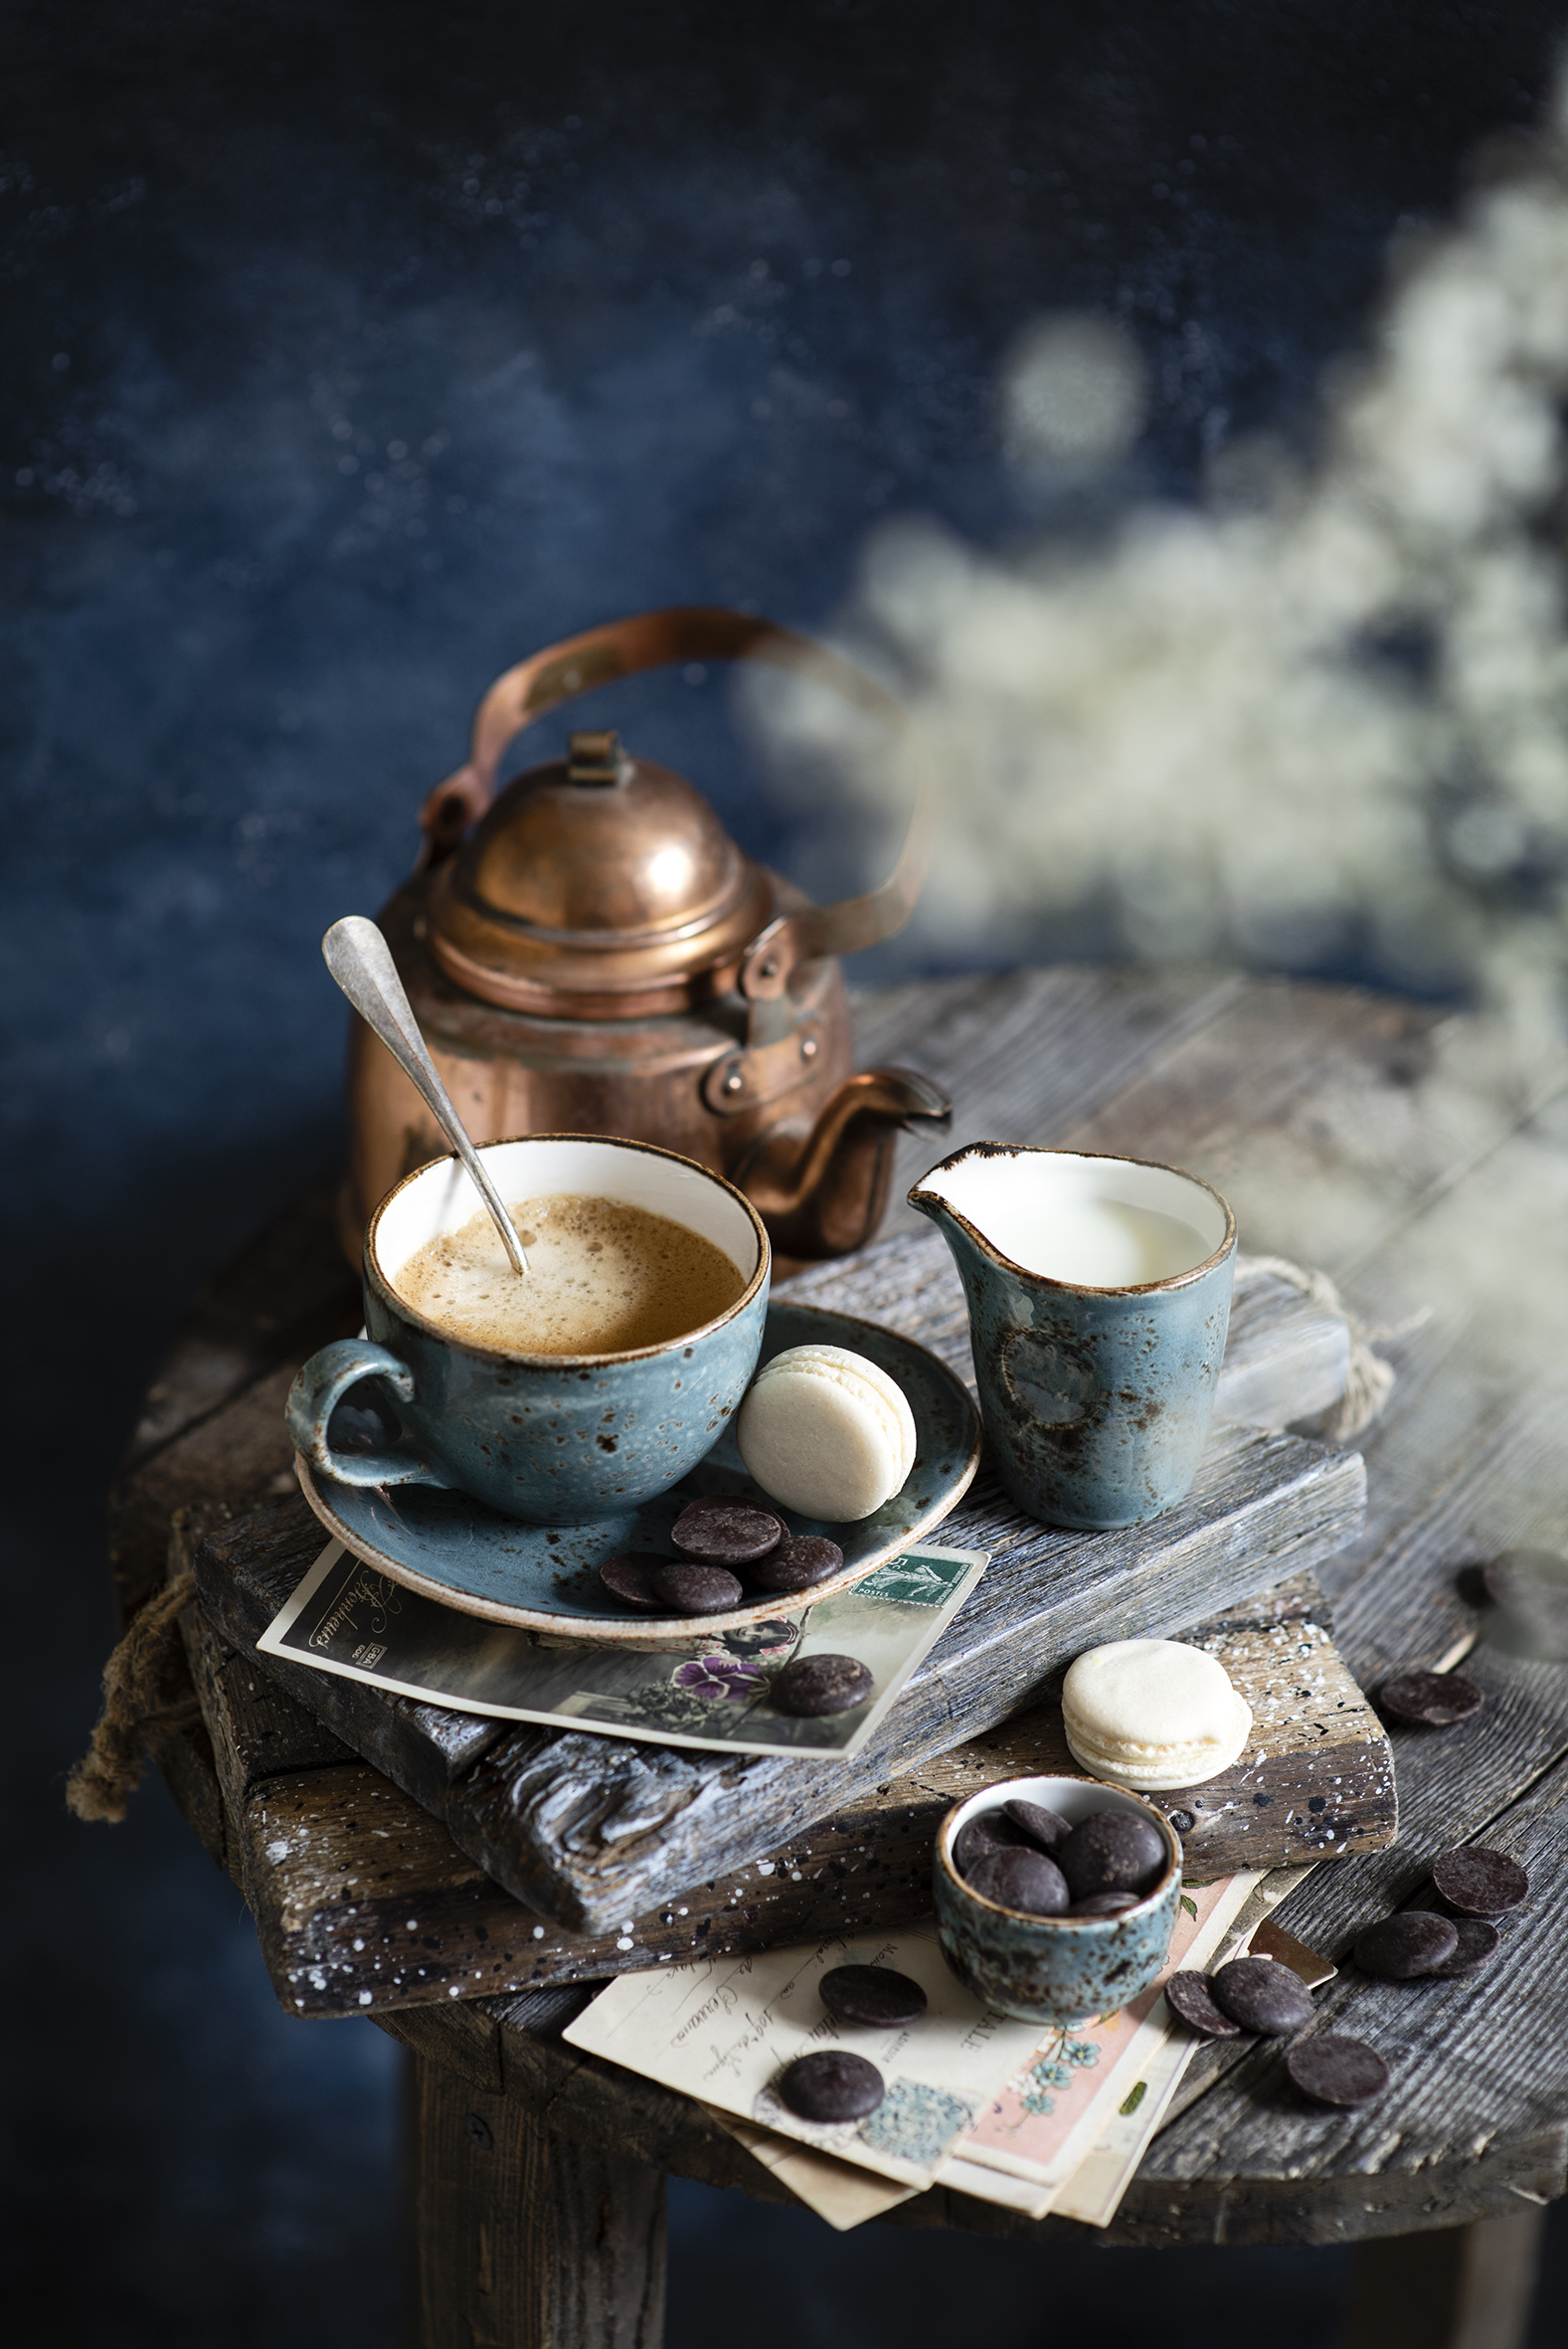 Картинки Молоко Макарон Шоколад Кофе Капучино Чайник кувшины чашке Продукты питания  для мобильного телефона Кувшин Еда Пища Чашка